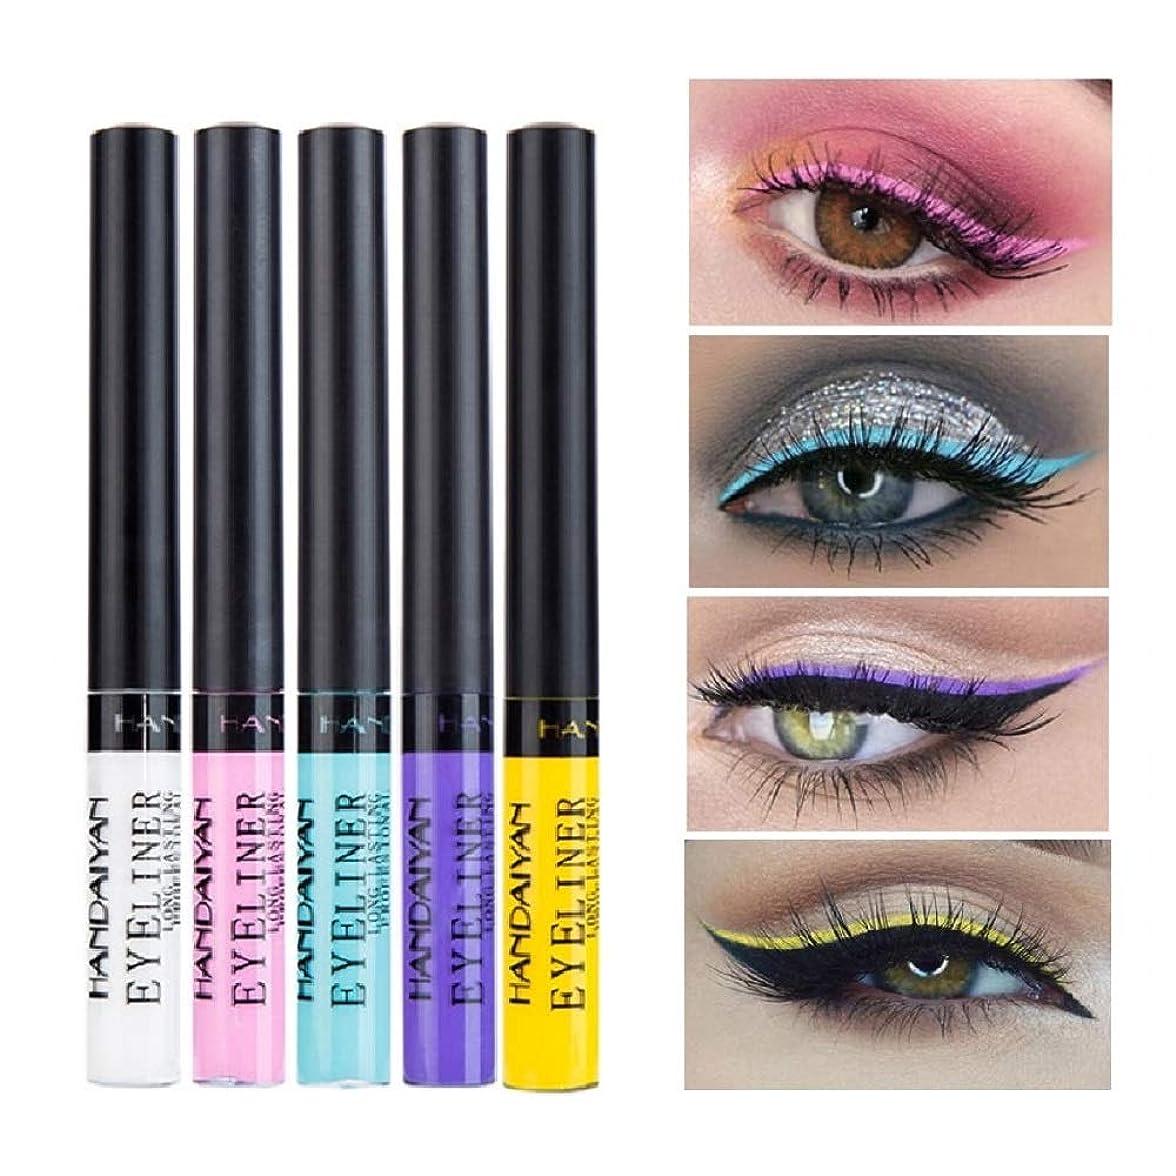 結果として否定するバッチ5color/set Colorful Liquid Eyeliner Matte Tint Long Lasting Waterproof Makeup Easy To Wear Eye Liner Liquid Cosmetics カラフルな液体アイライナーマットティントロングラスティング防水メイクアイライナー液体化粧品